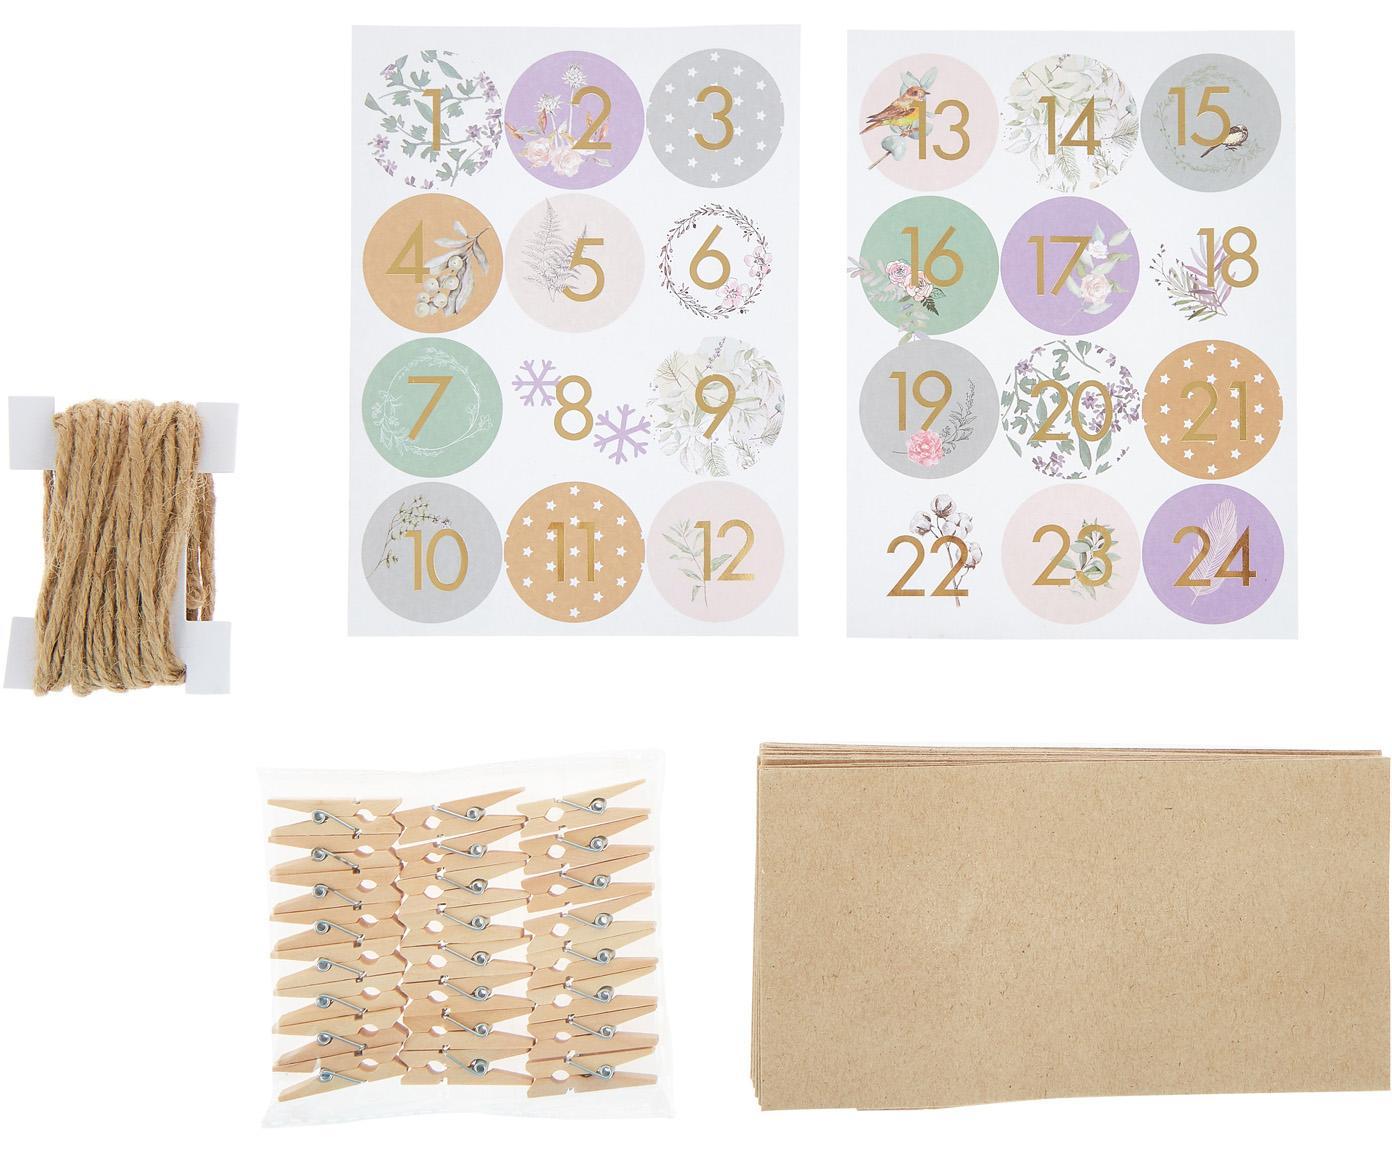 Kalendarz adwentowy Vivi, 73 elem., Wielobarwny, S 22 x W 23 cm